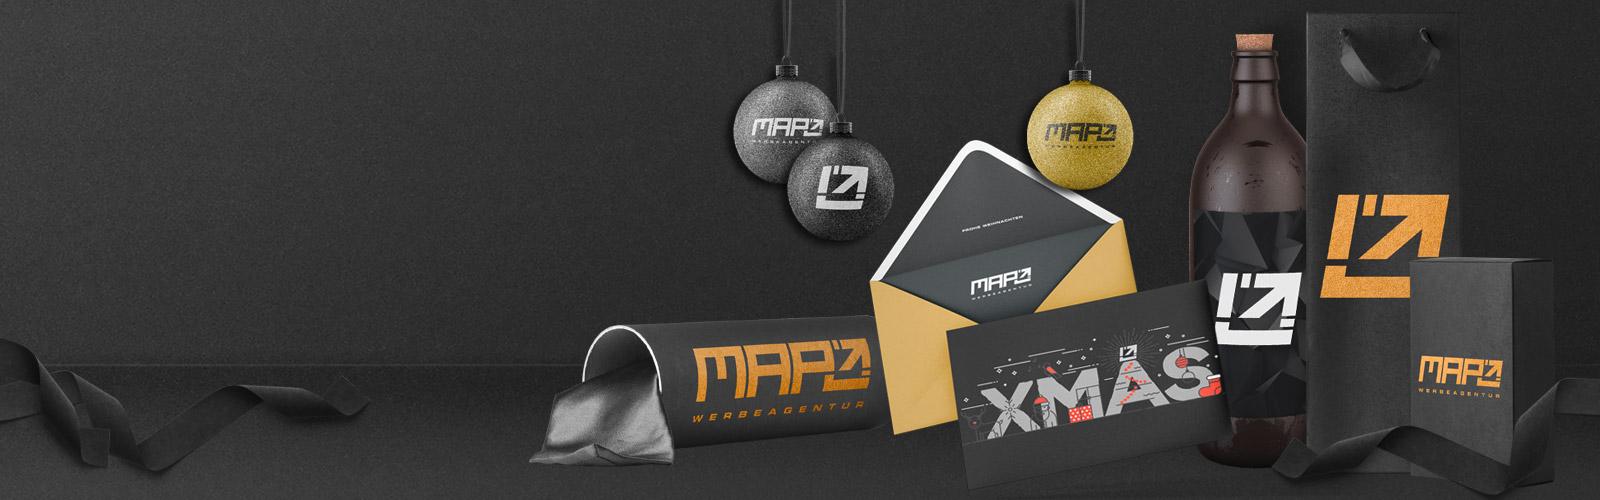 Werbeagentur MAPO-Marketing Potsdam, Weihnachten